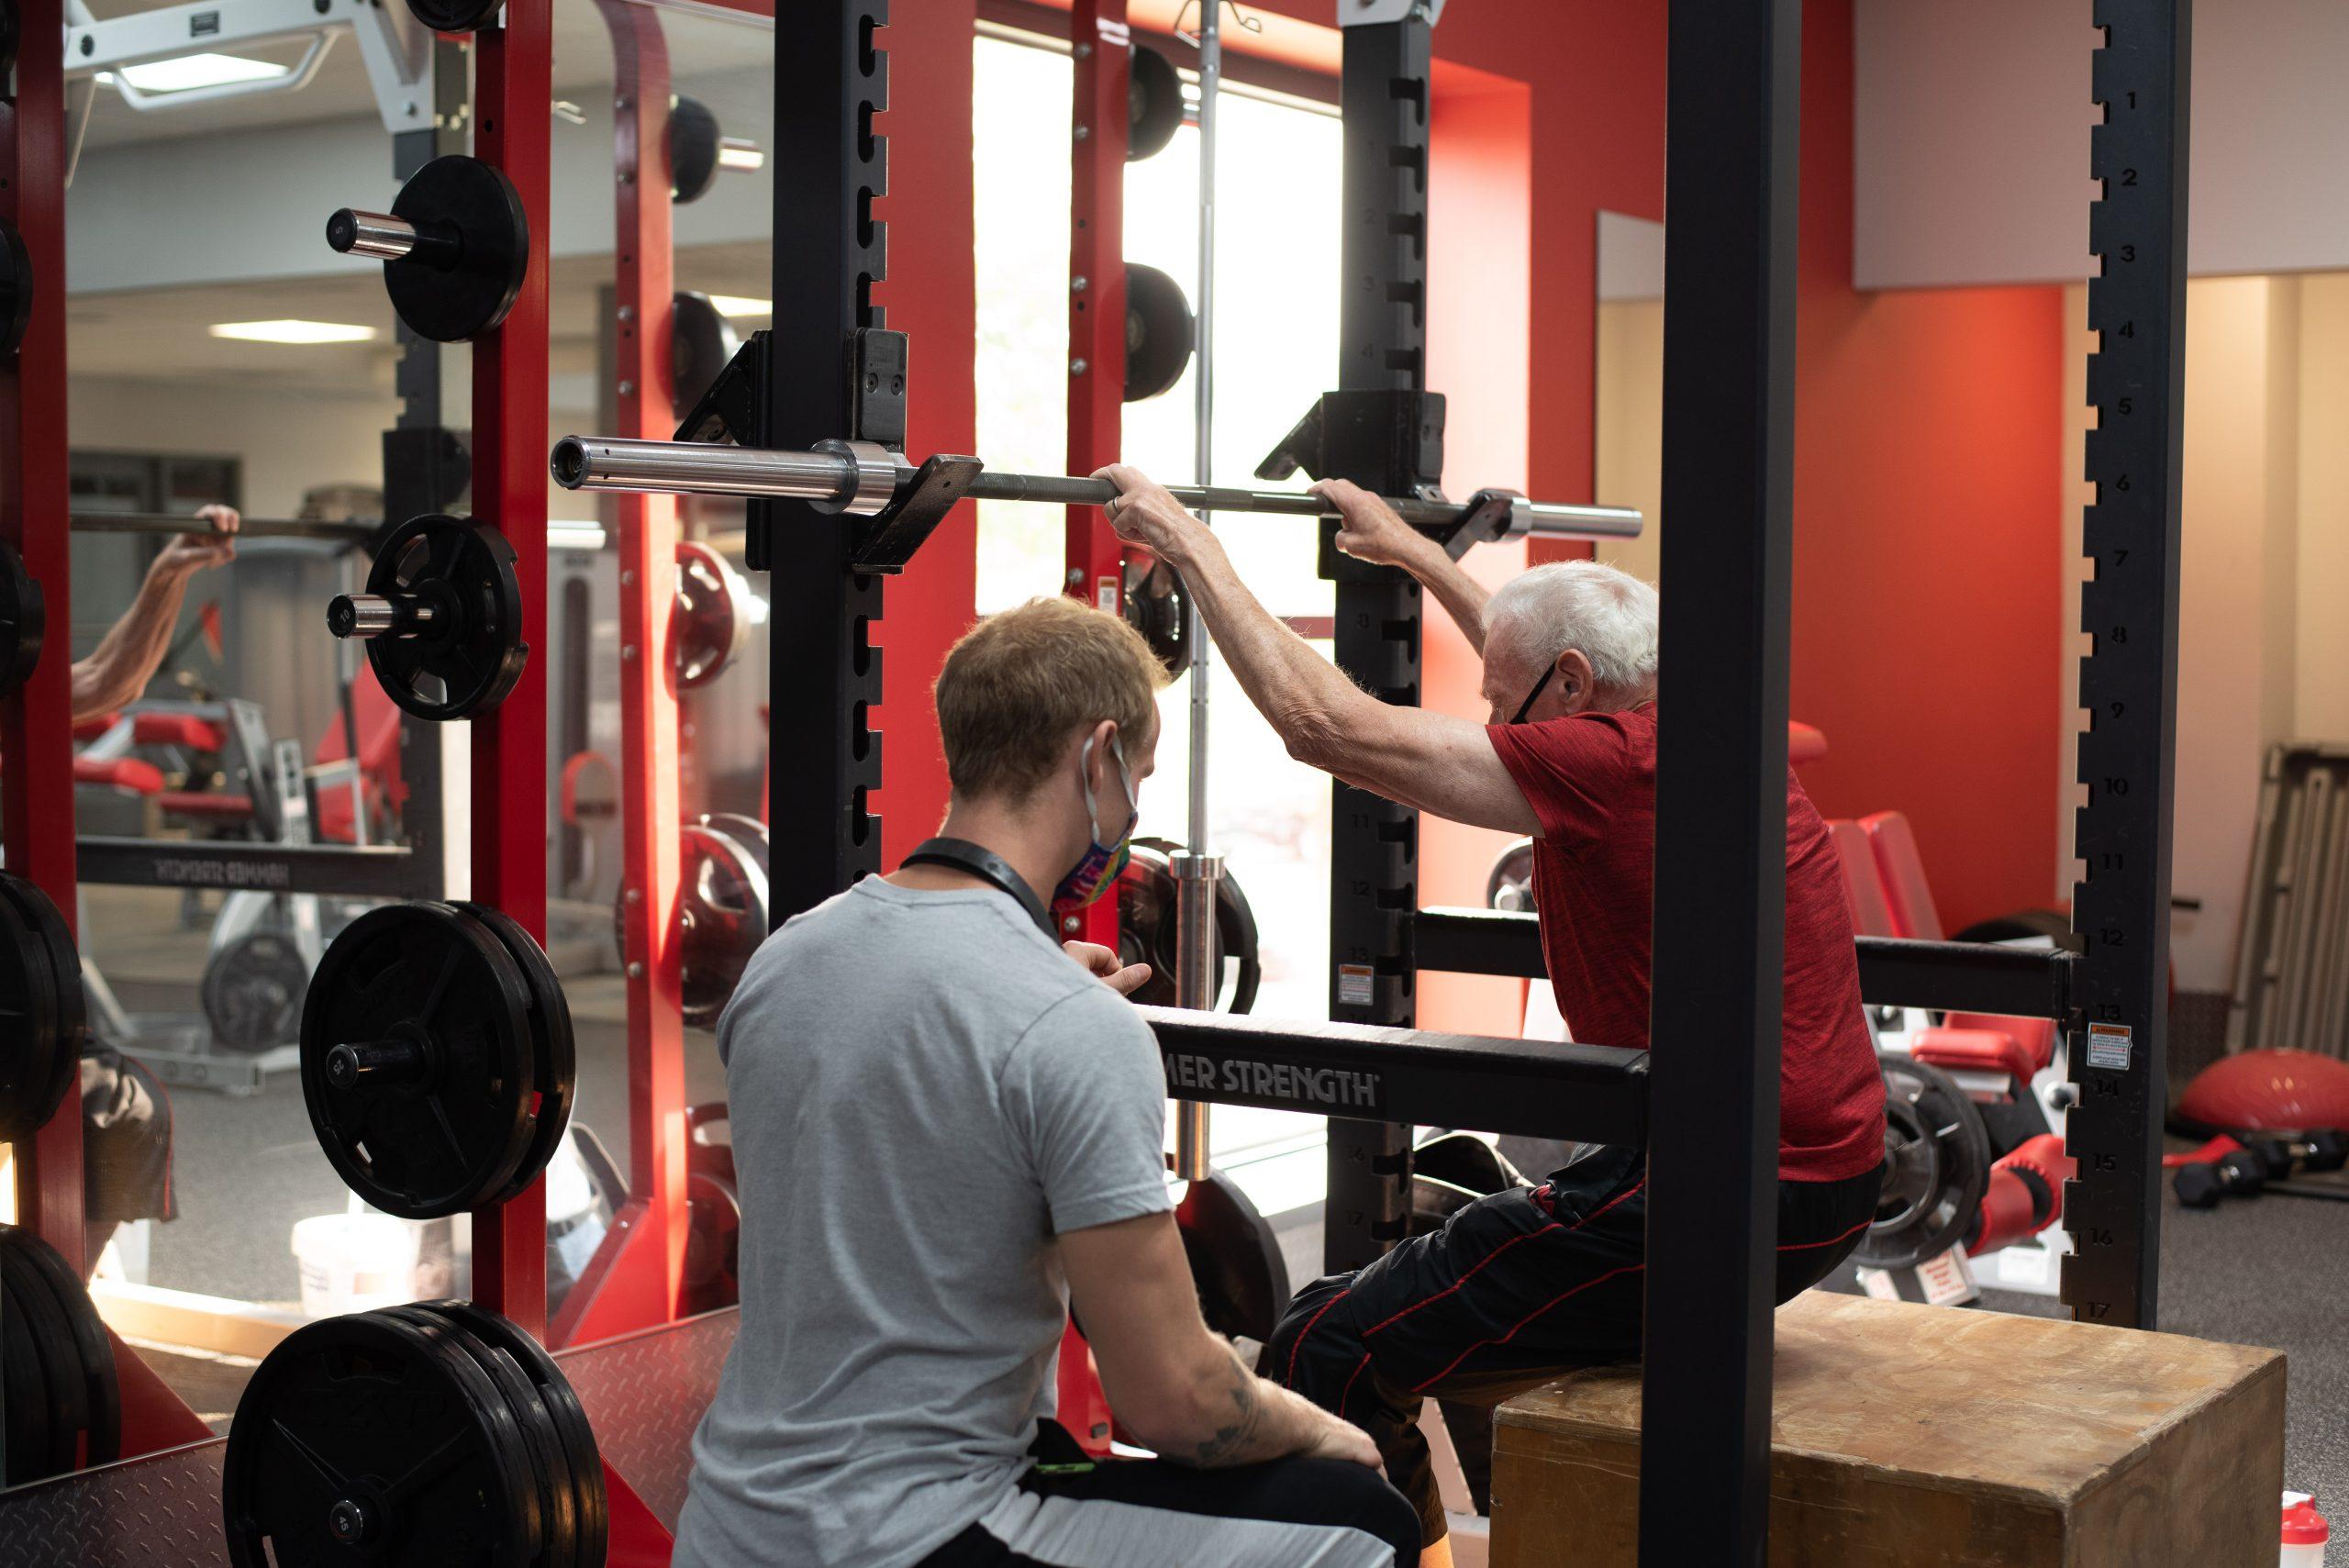 fitness center in buffalo ny